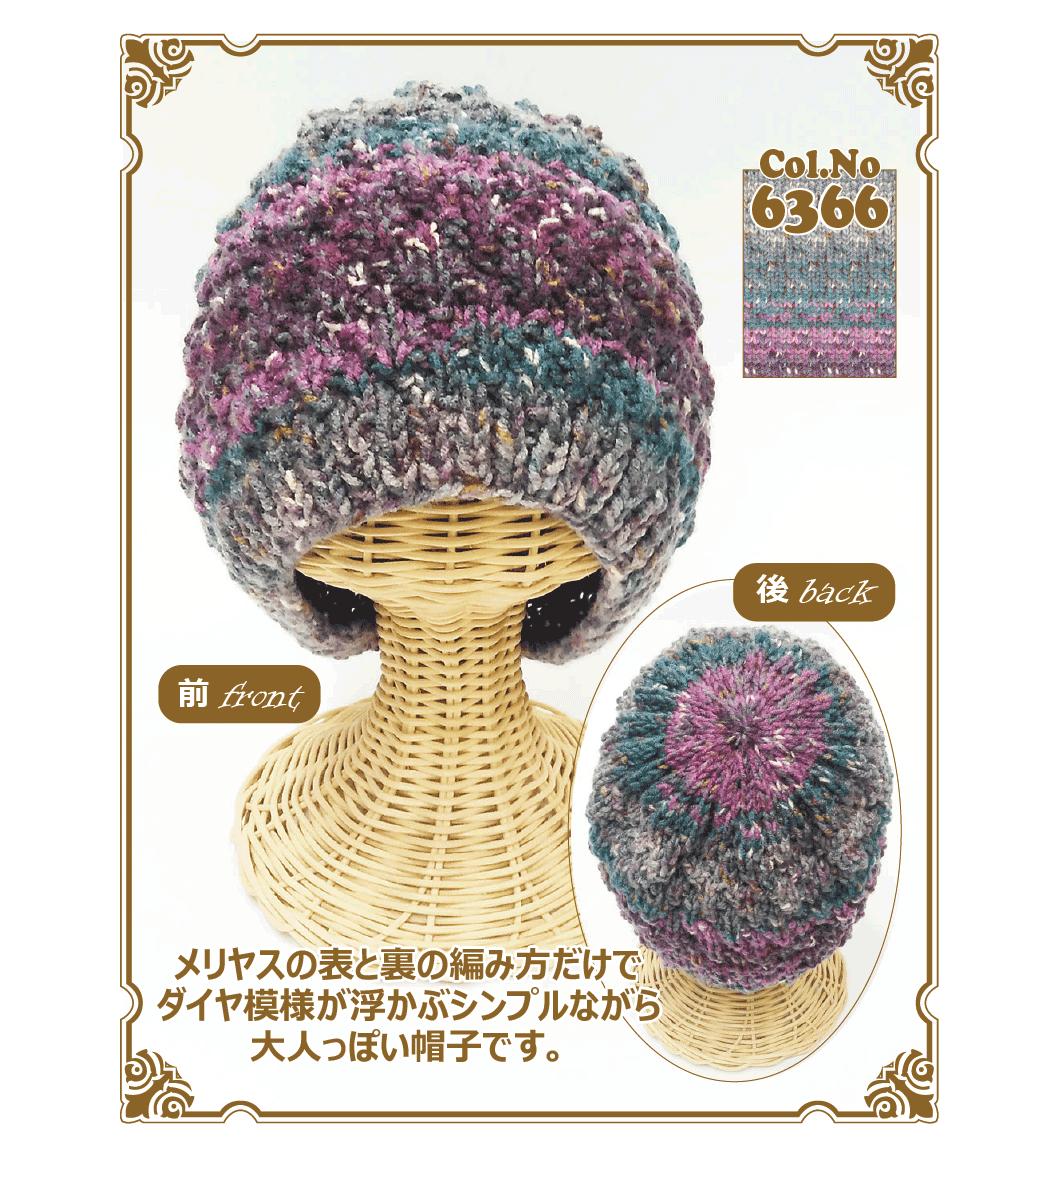 ダイヤ模様 帽子 編み図